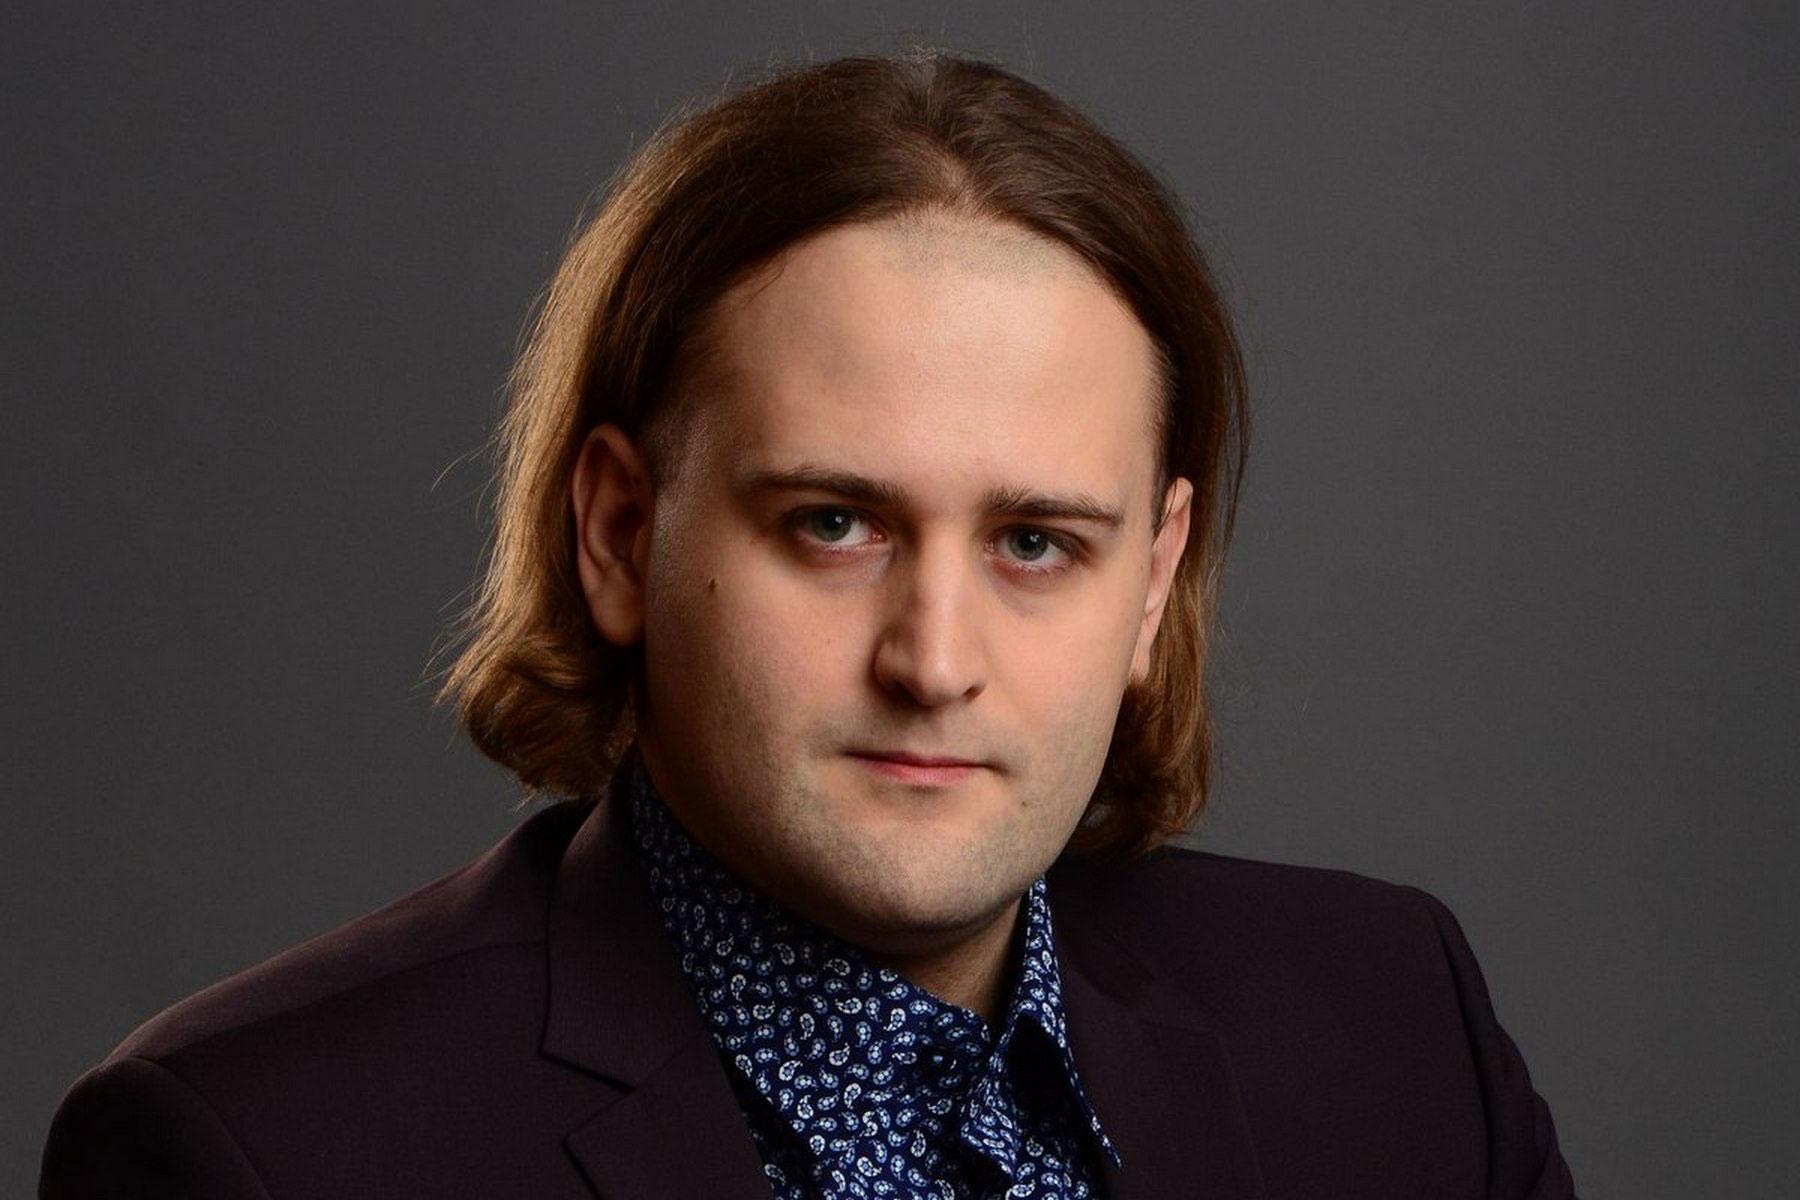 Анатолий Ярра. Очередь из клиентов в Ваш бизнес в 2021 году